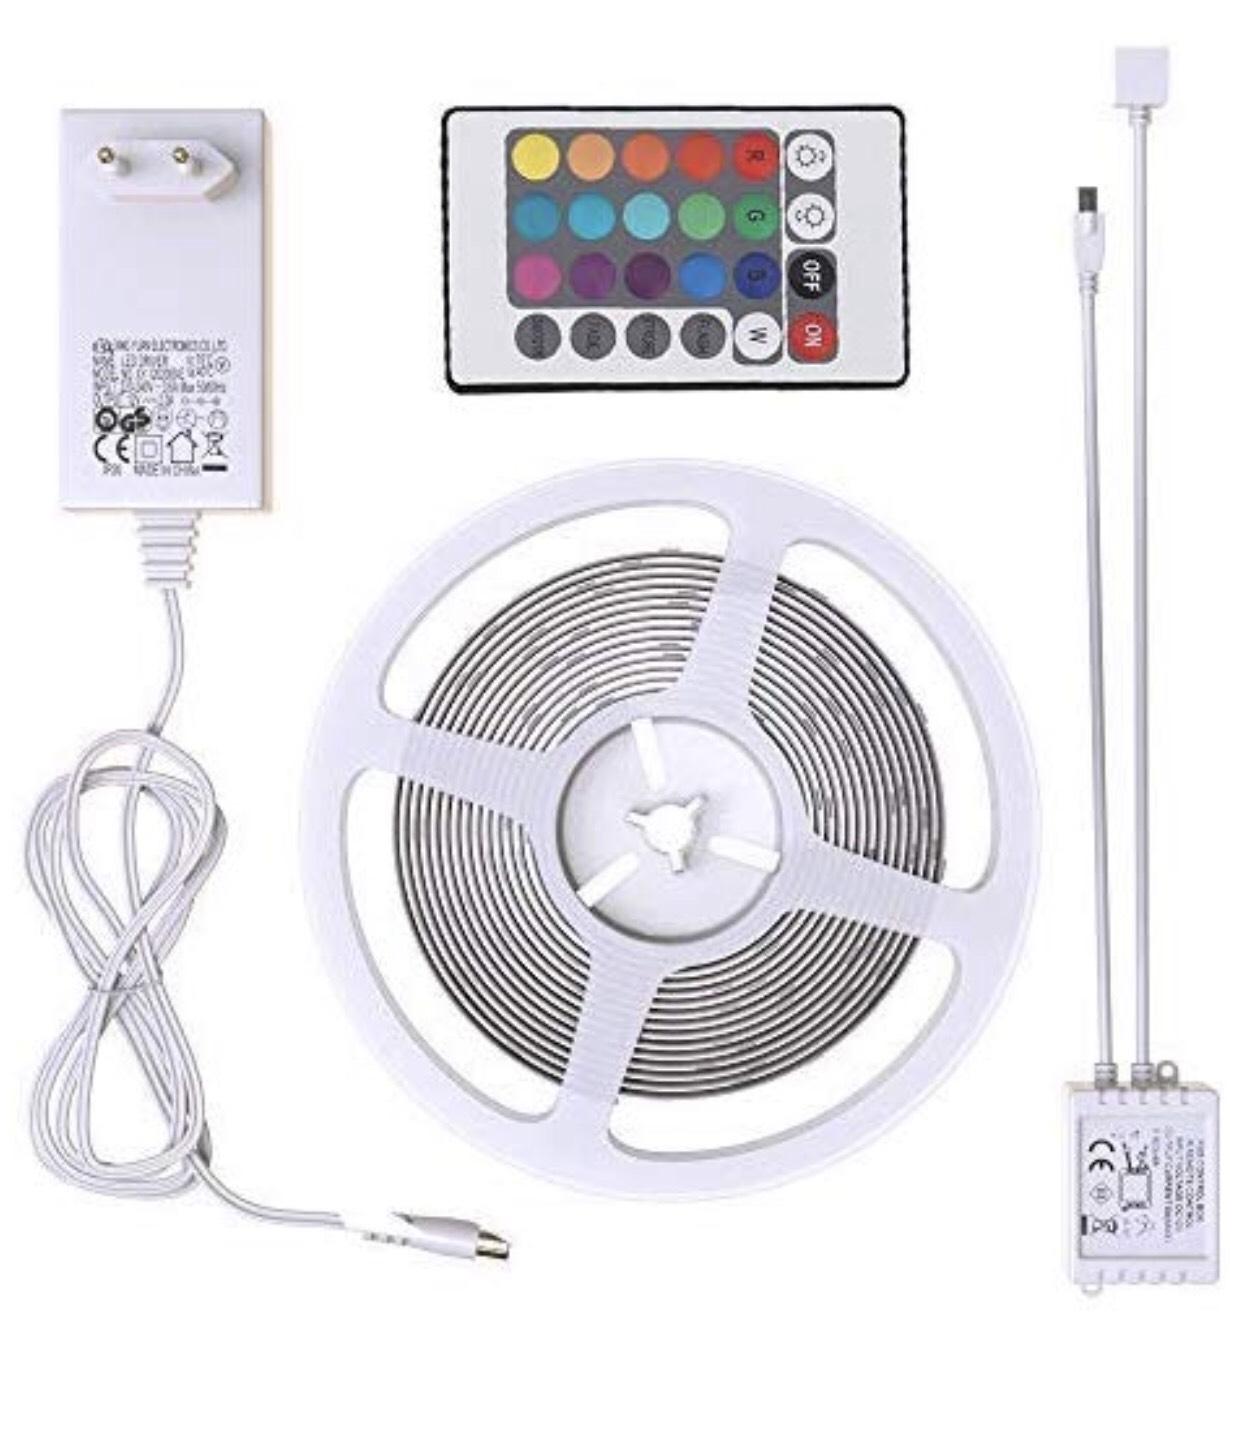 B.K.Licht LED Stripes, Stripe, Lichterkette, Band, Streifen, LED Leiste, LED Lichtleiste, LED Bänder, Lichterkette LED 5M